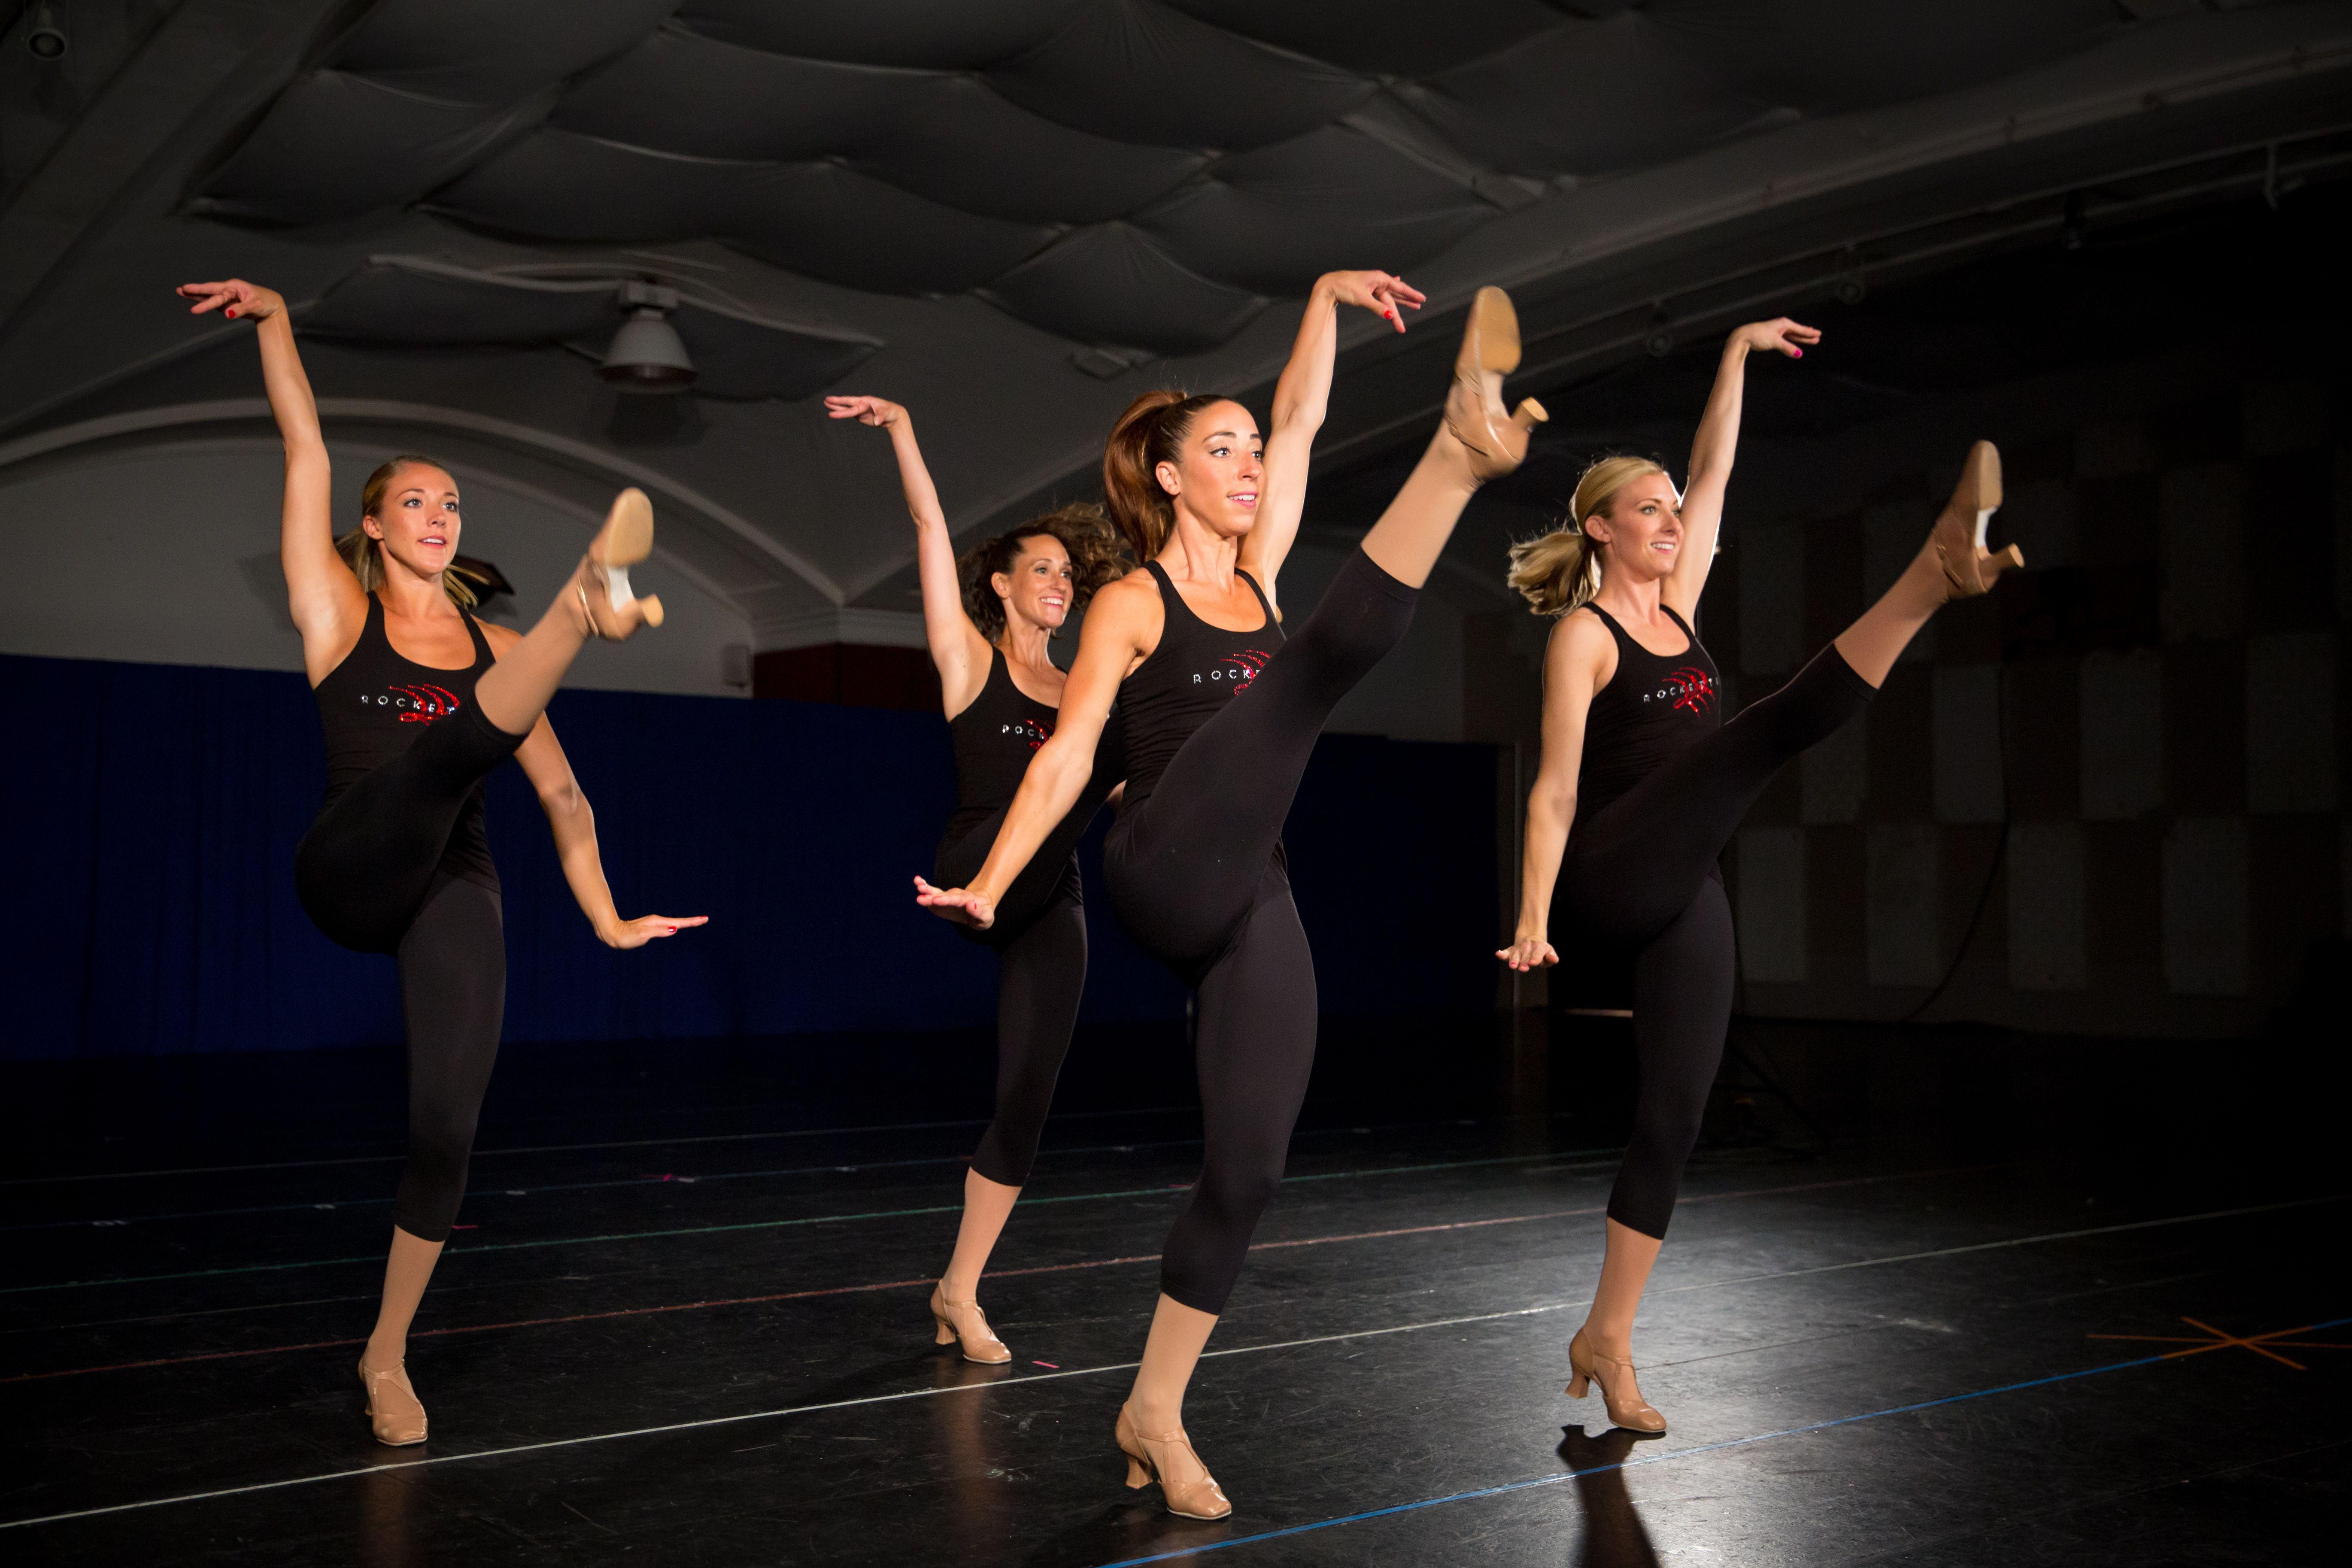 Rockettes Dance Moves 'Snow' Kicks Dance moves, Dance